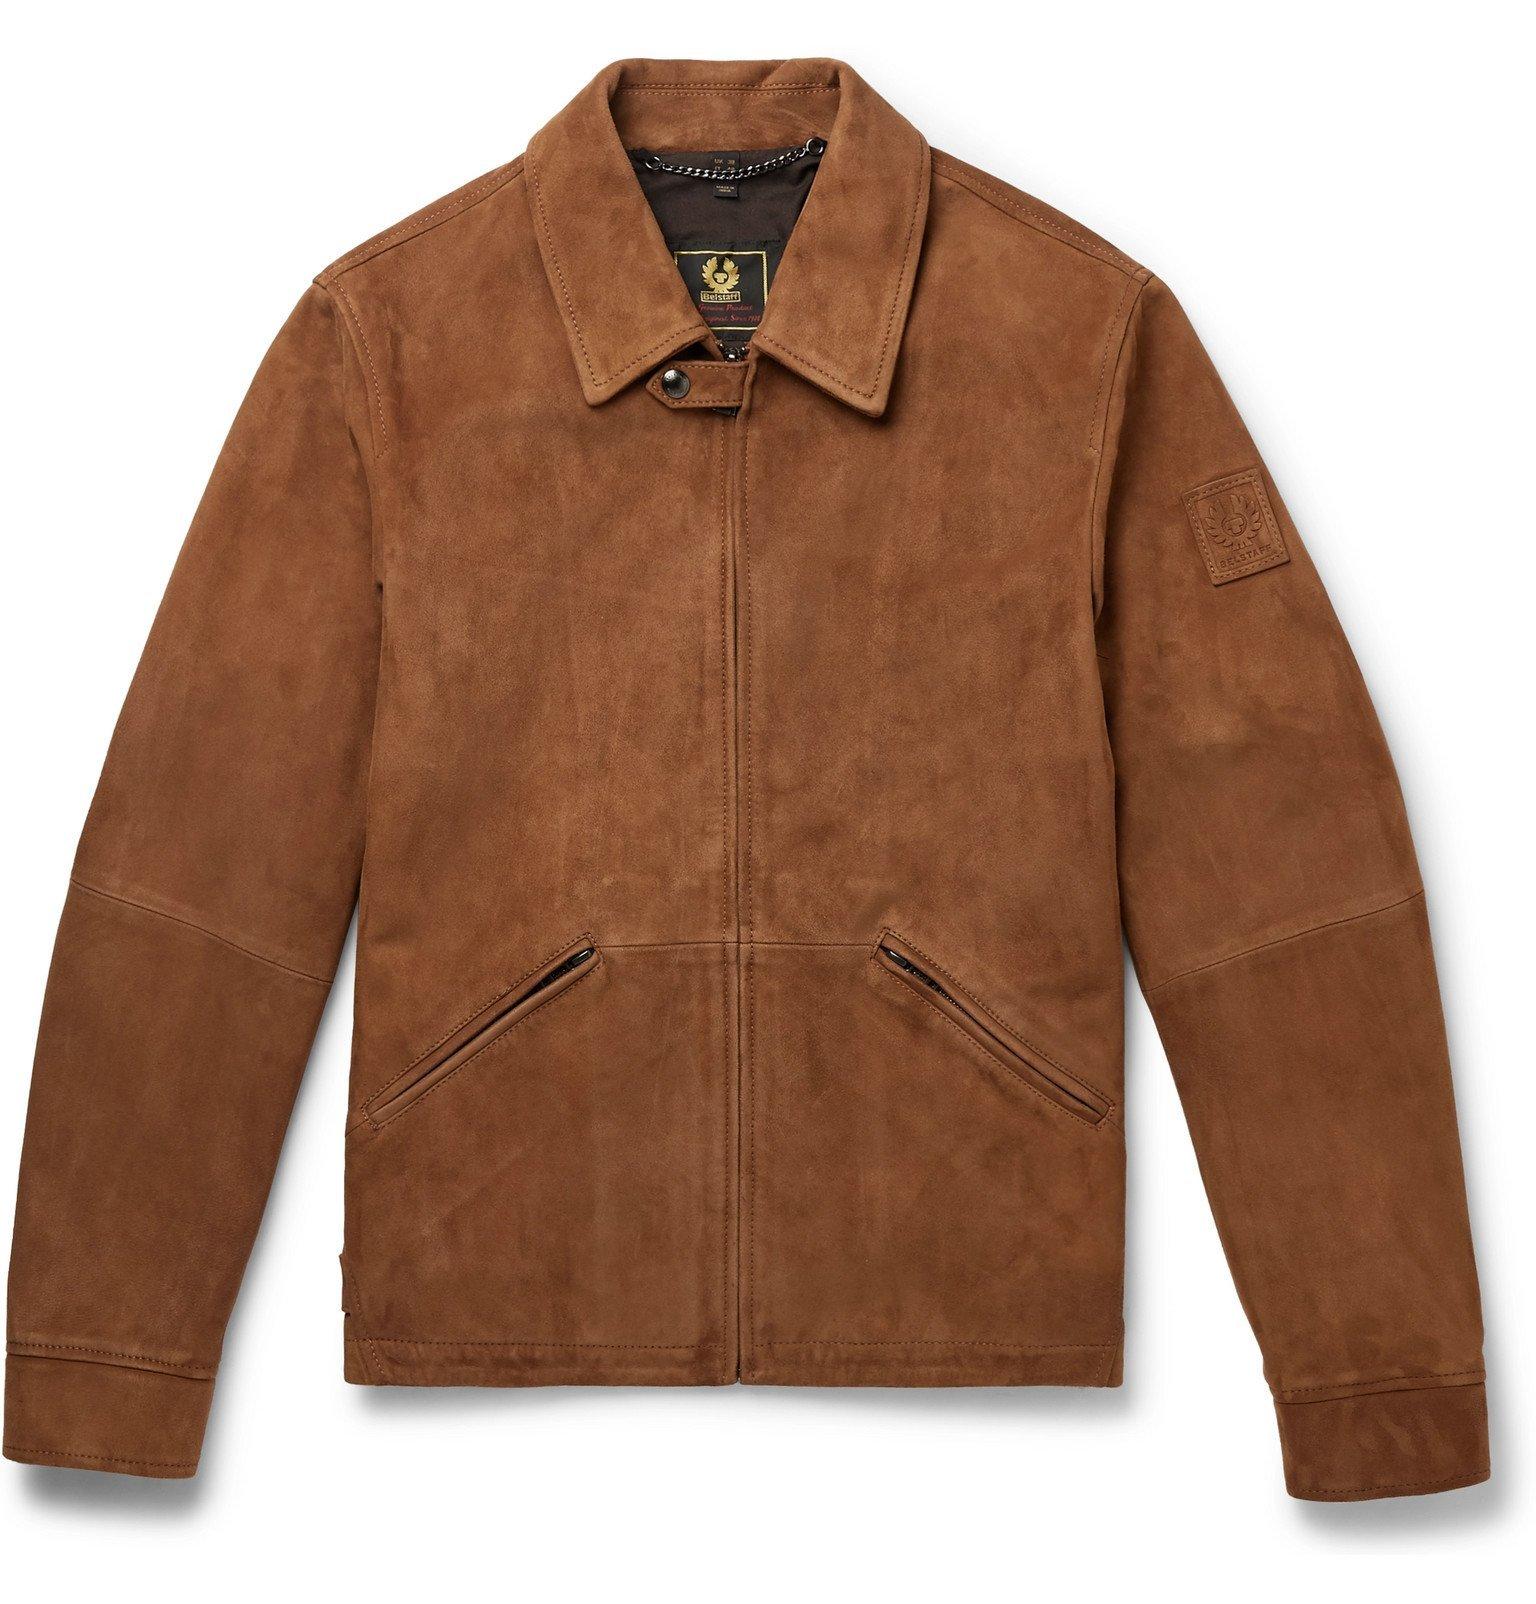 Belstaff - Cooper Suede Blouson Jacket - Brown